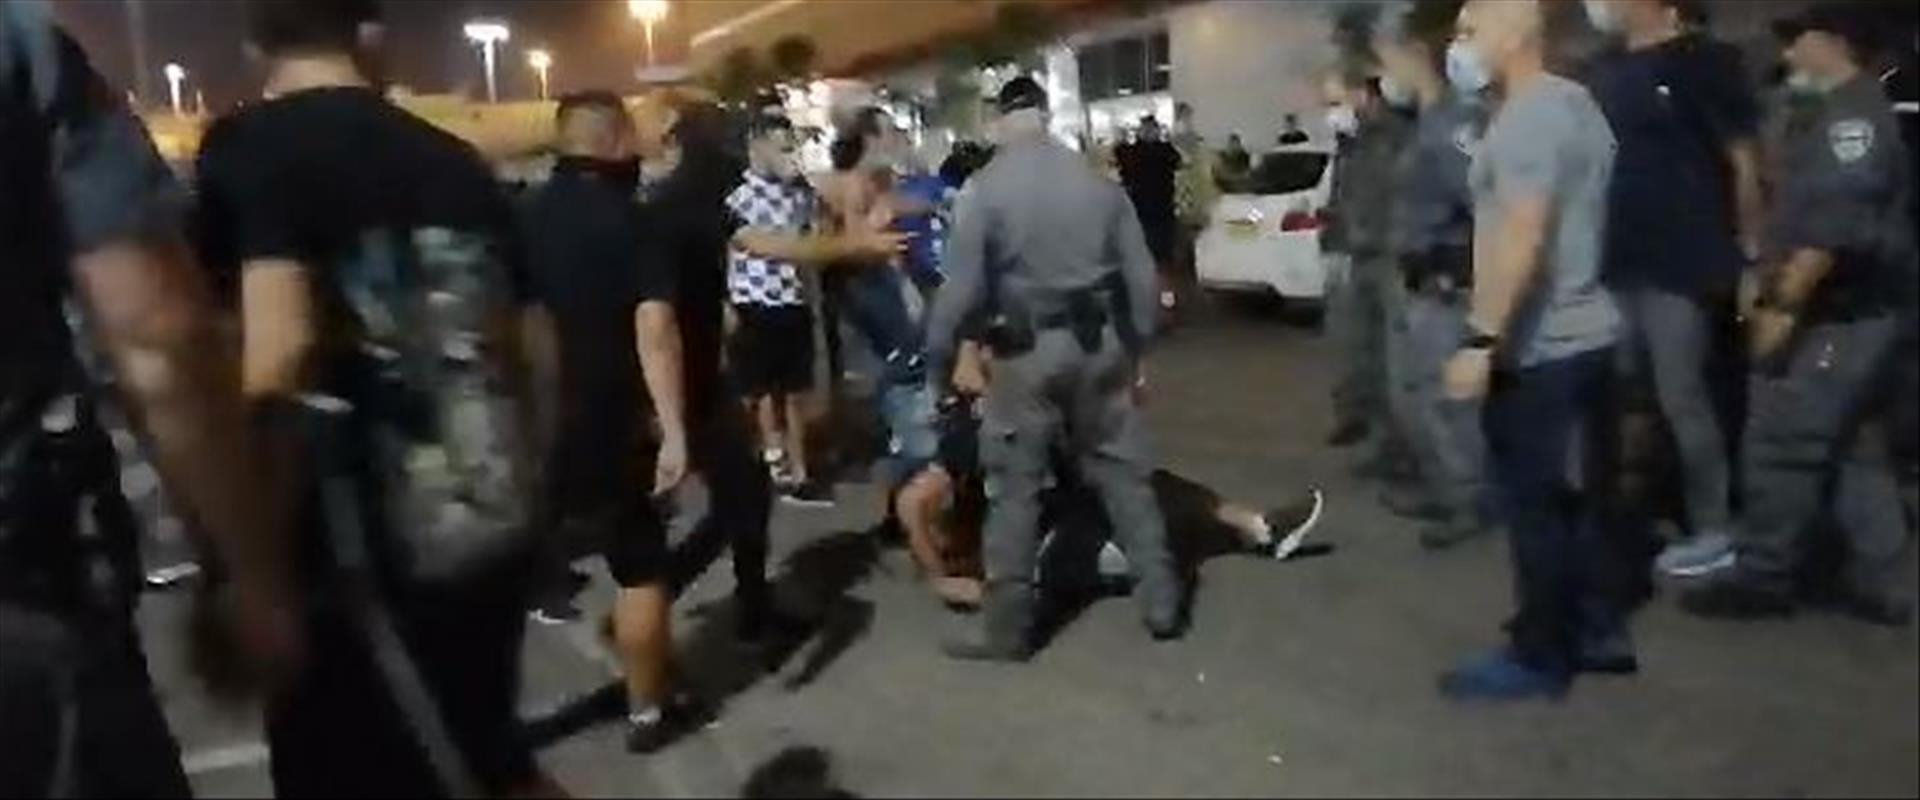 מהעימותים בין המשטרה לאוהדים